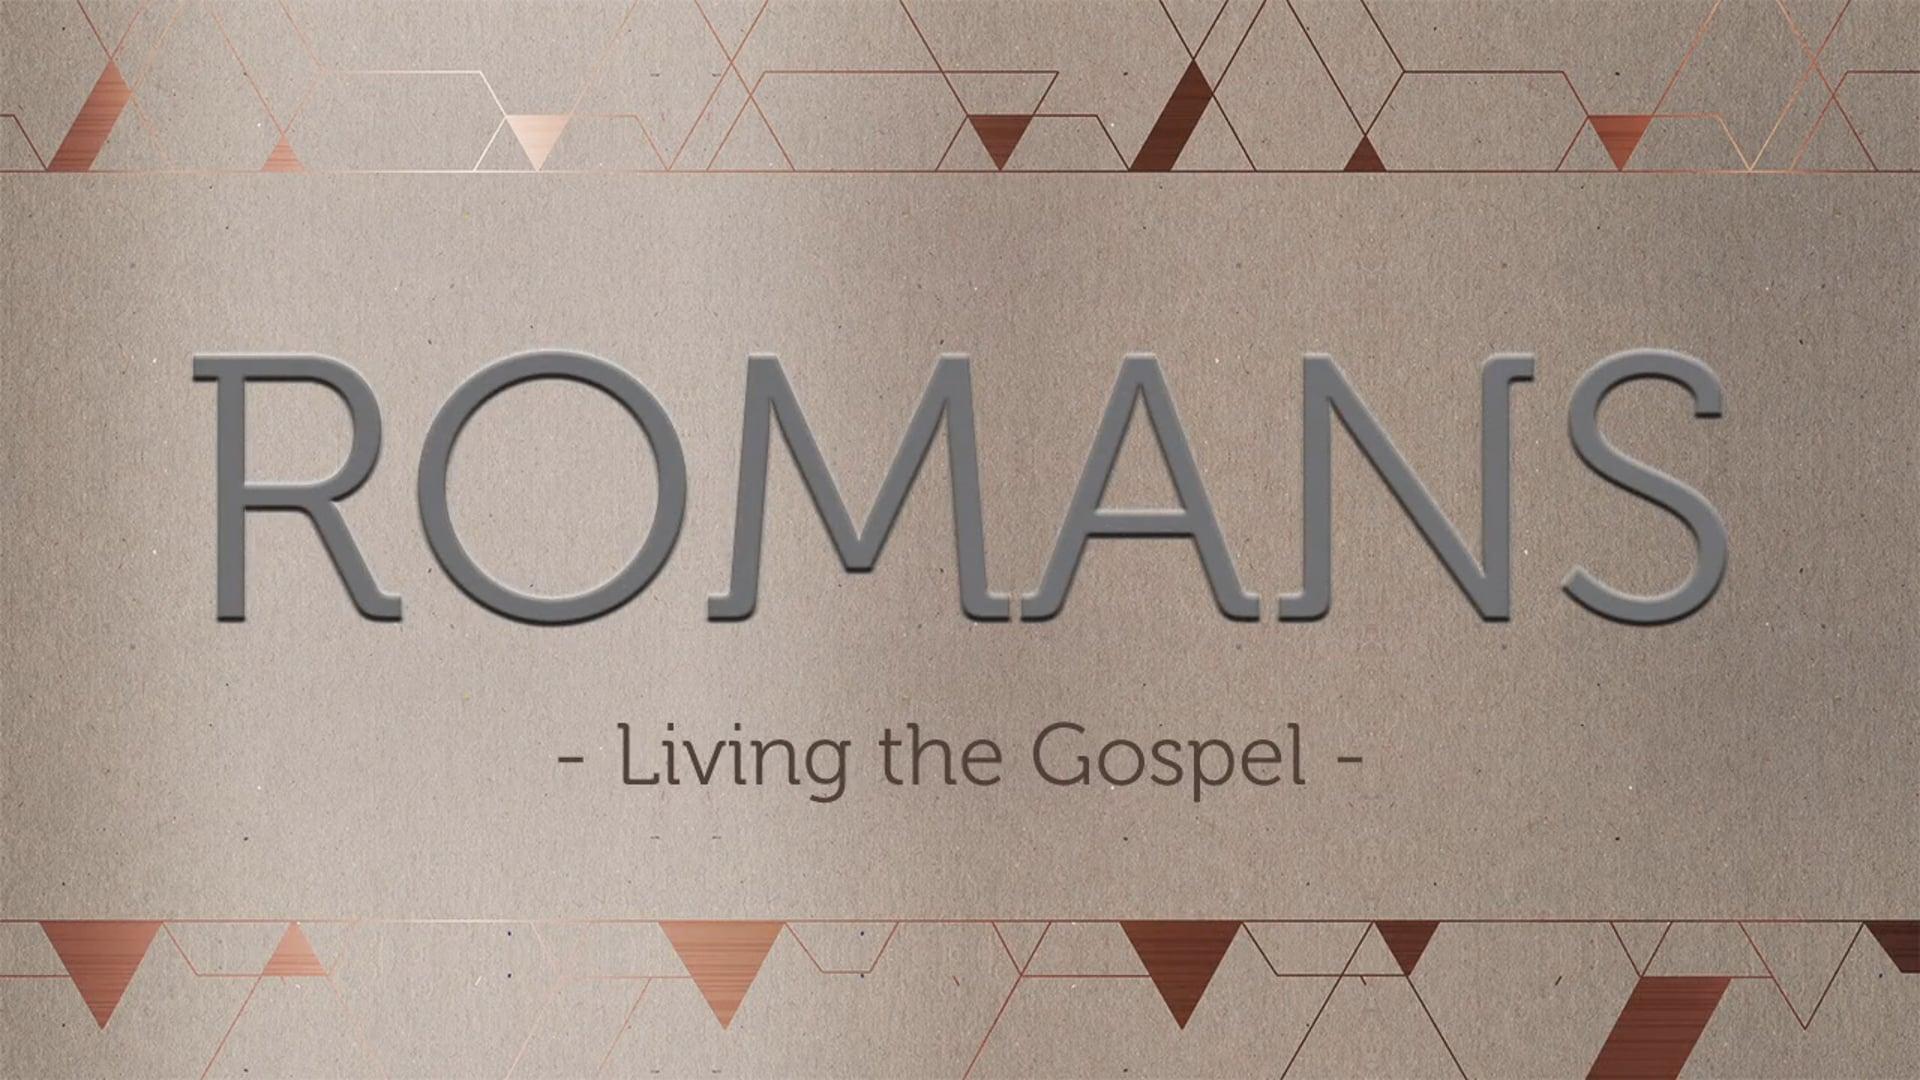 Week 7: Live on Mission Together -Romans 15:14-16:27